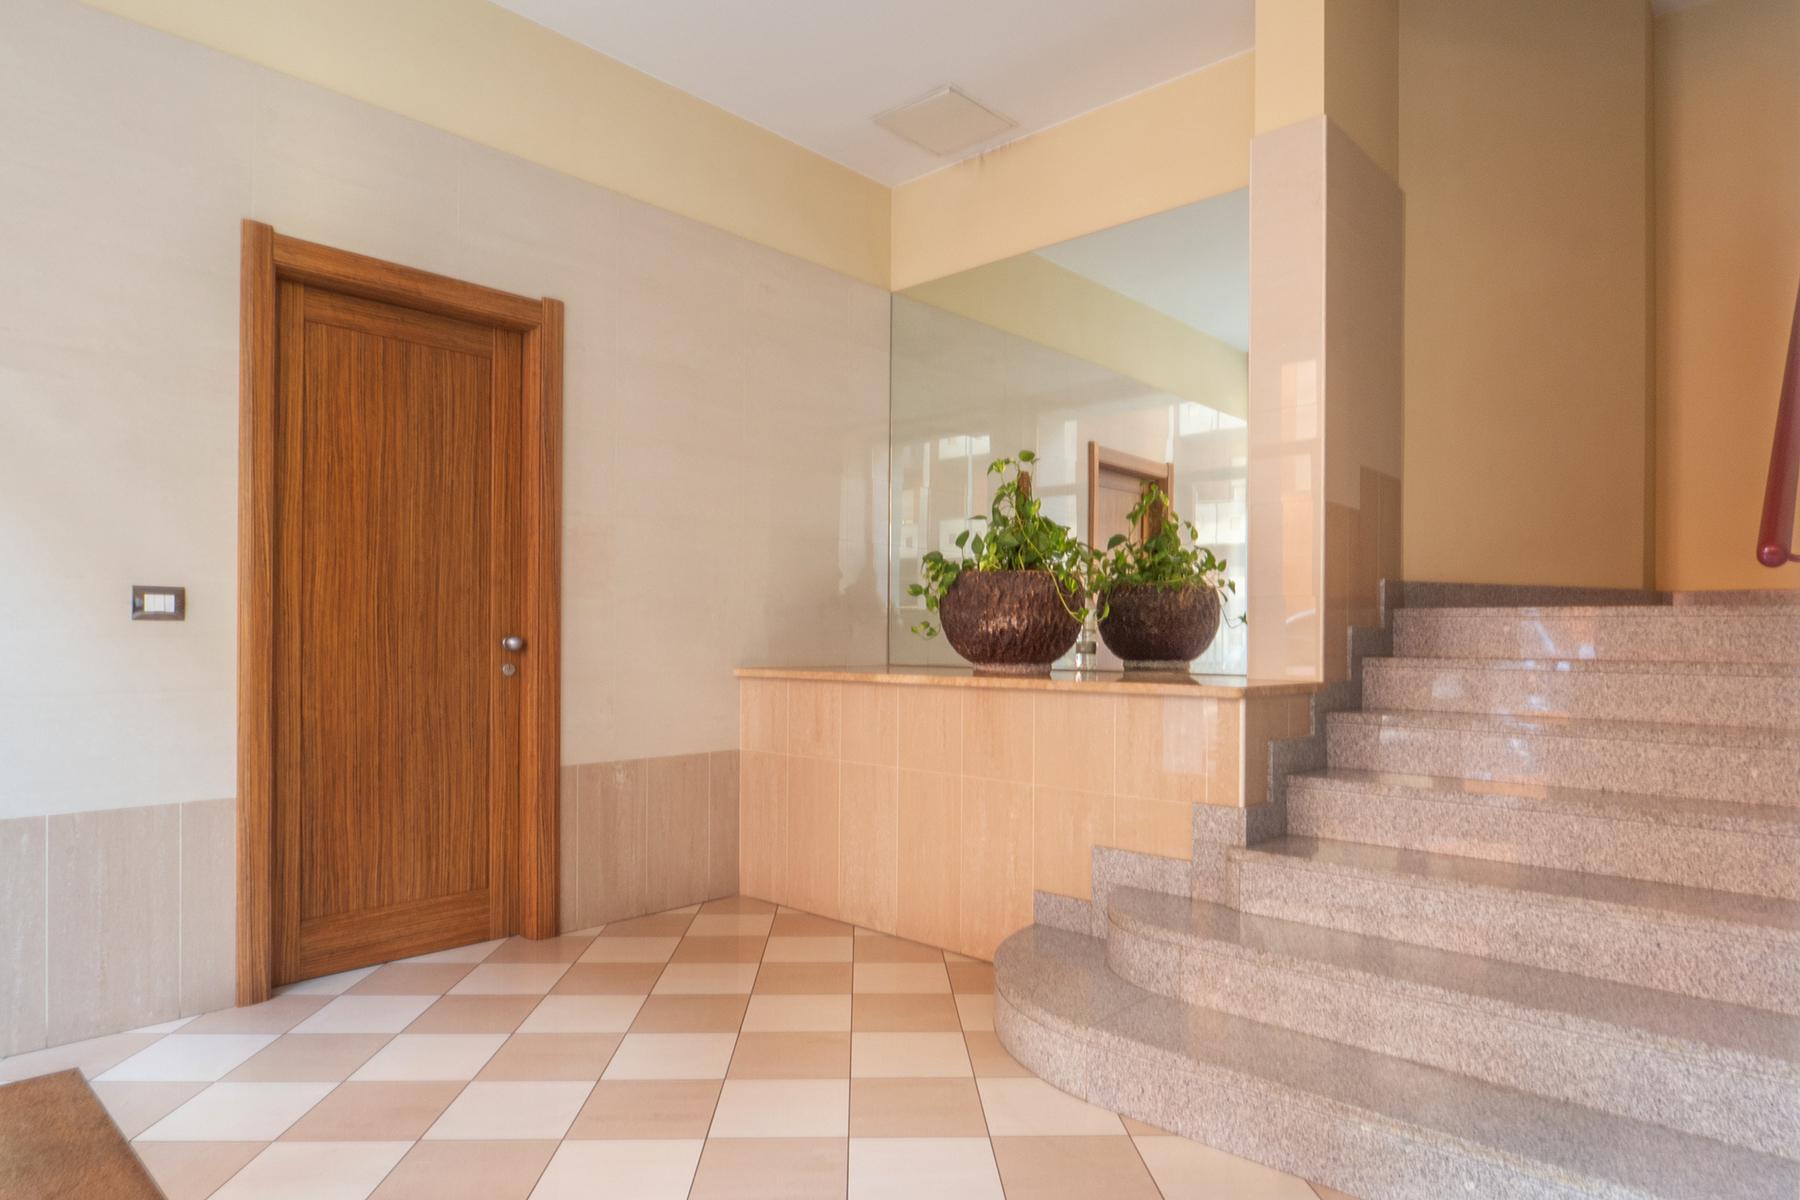 Appartamento in Vendita a Torino: 2 locali, 66 mq - Foto 19